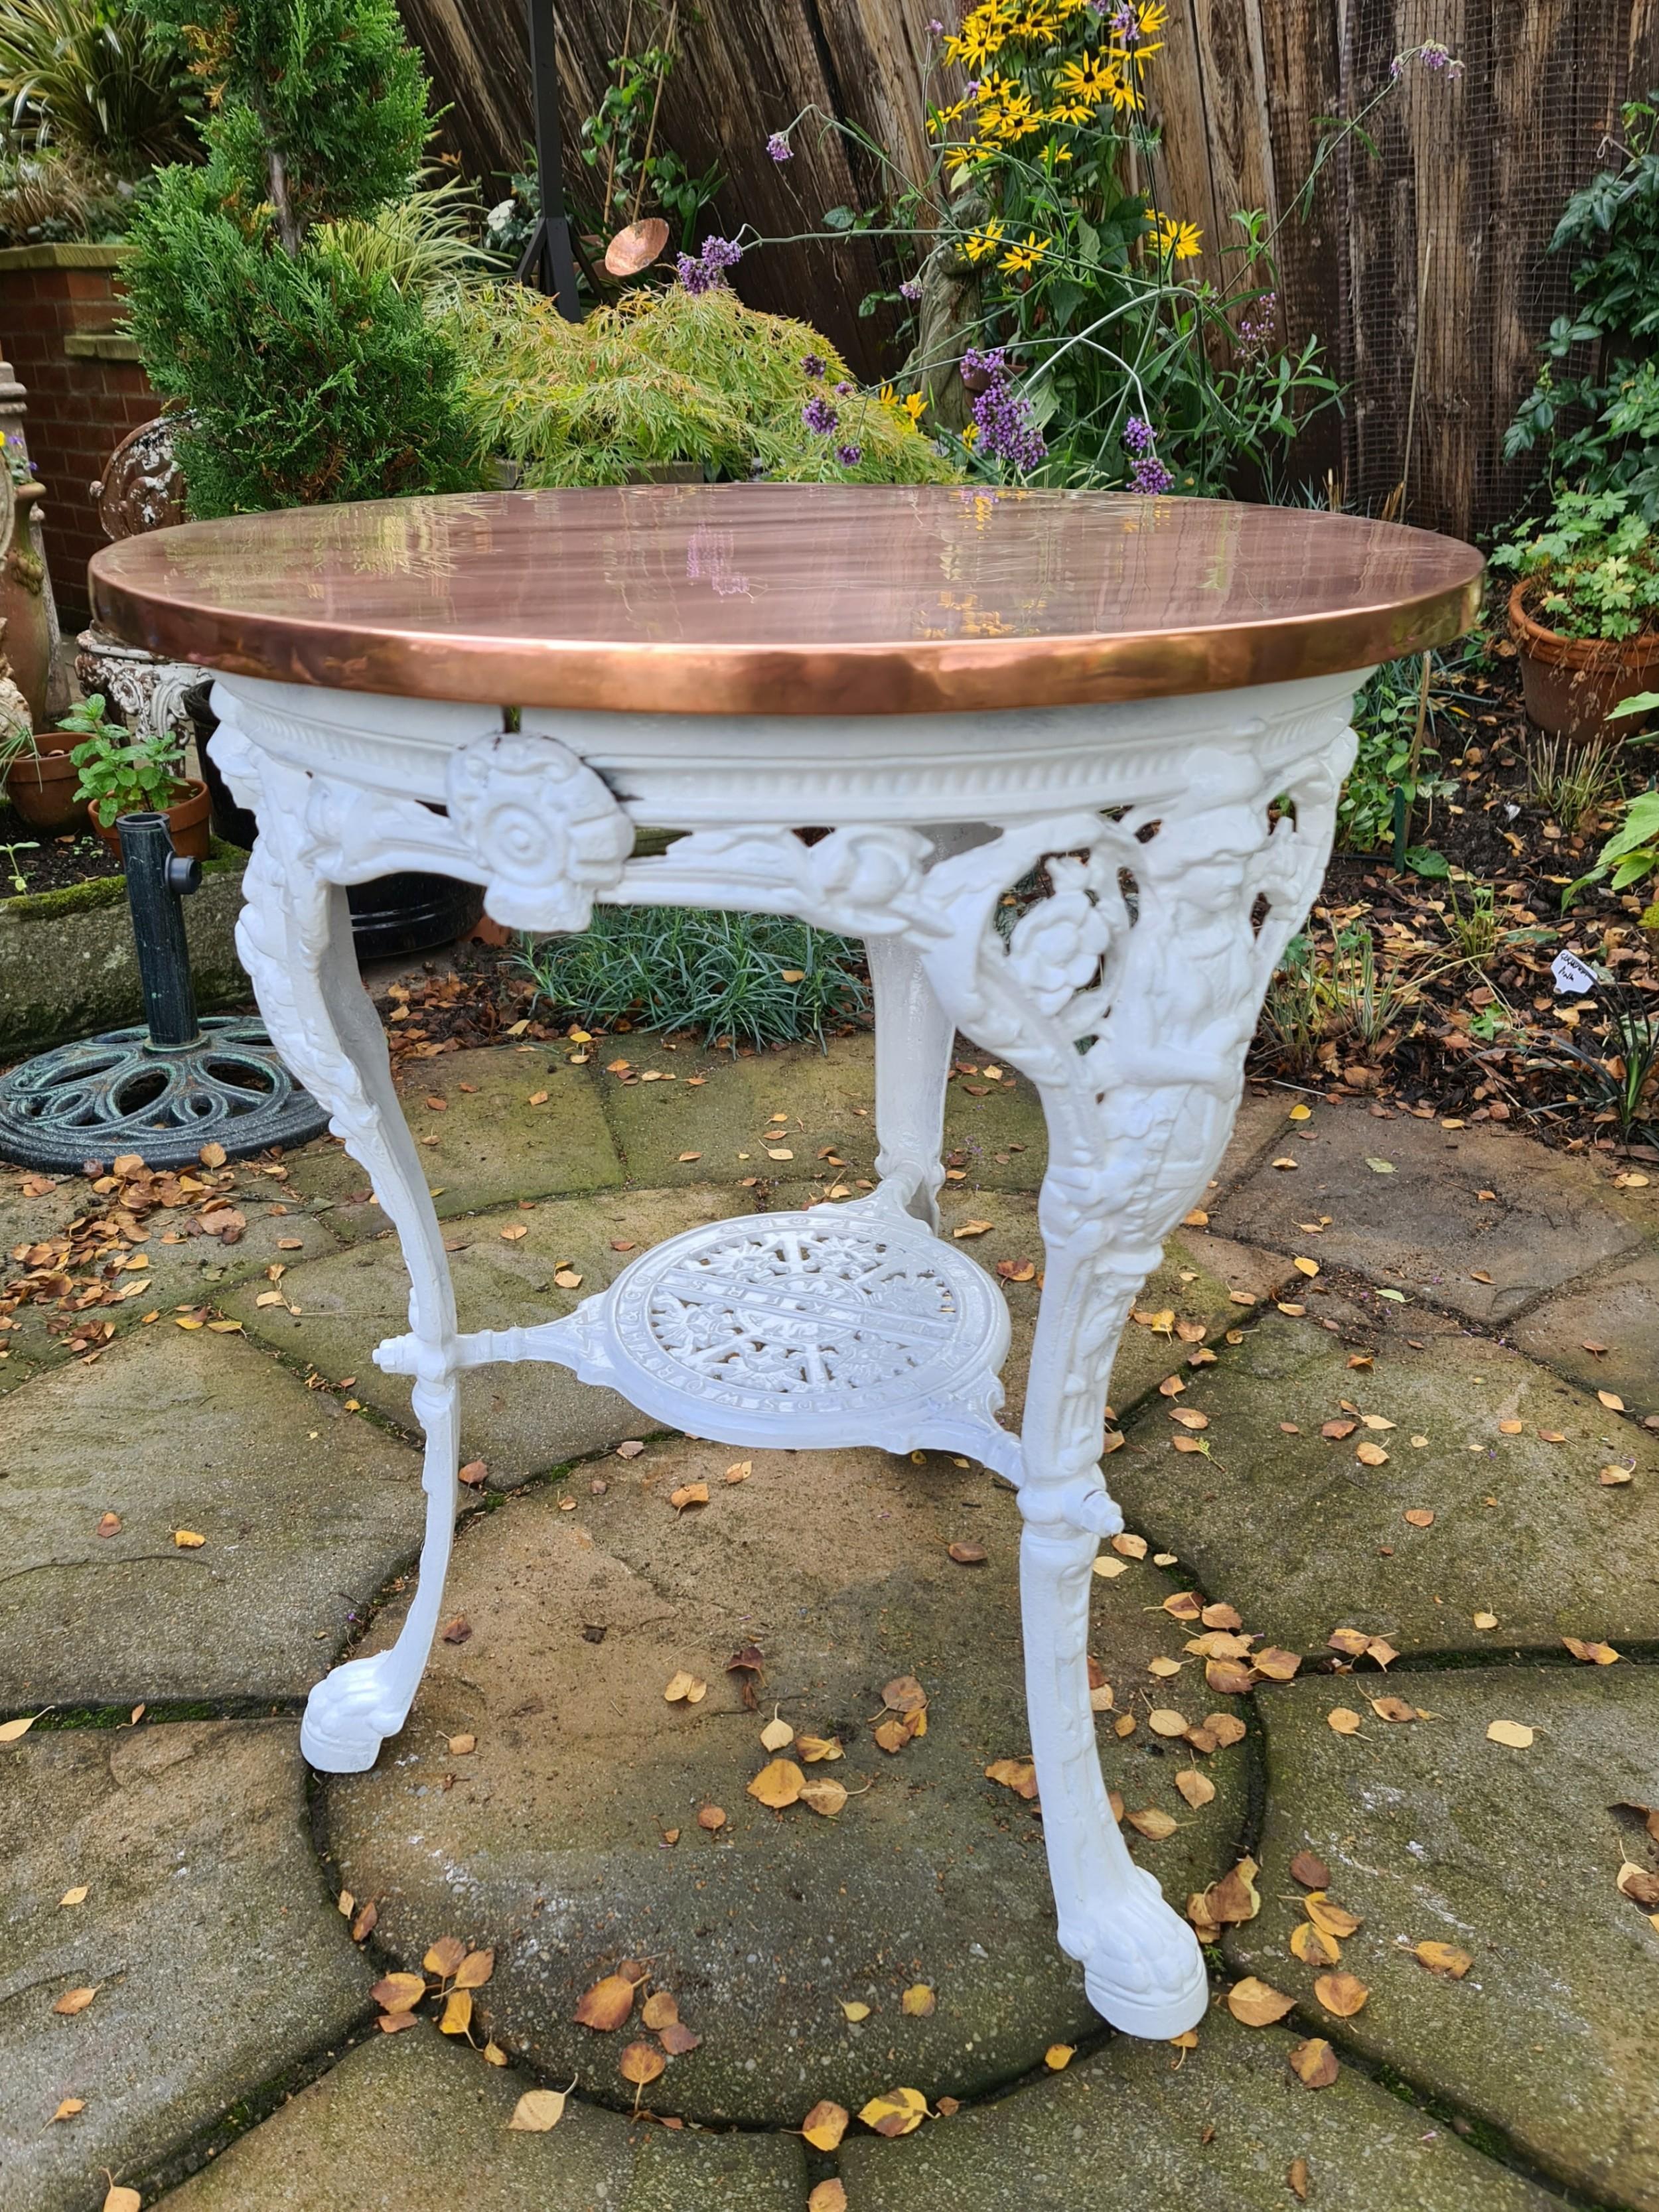 rare abolitionist 19th century copper topped pub table